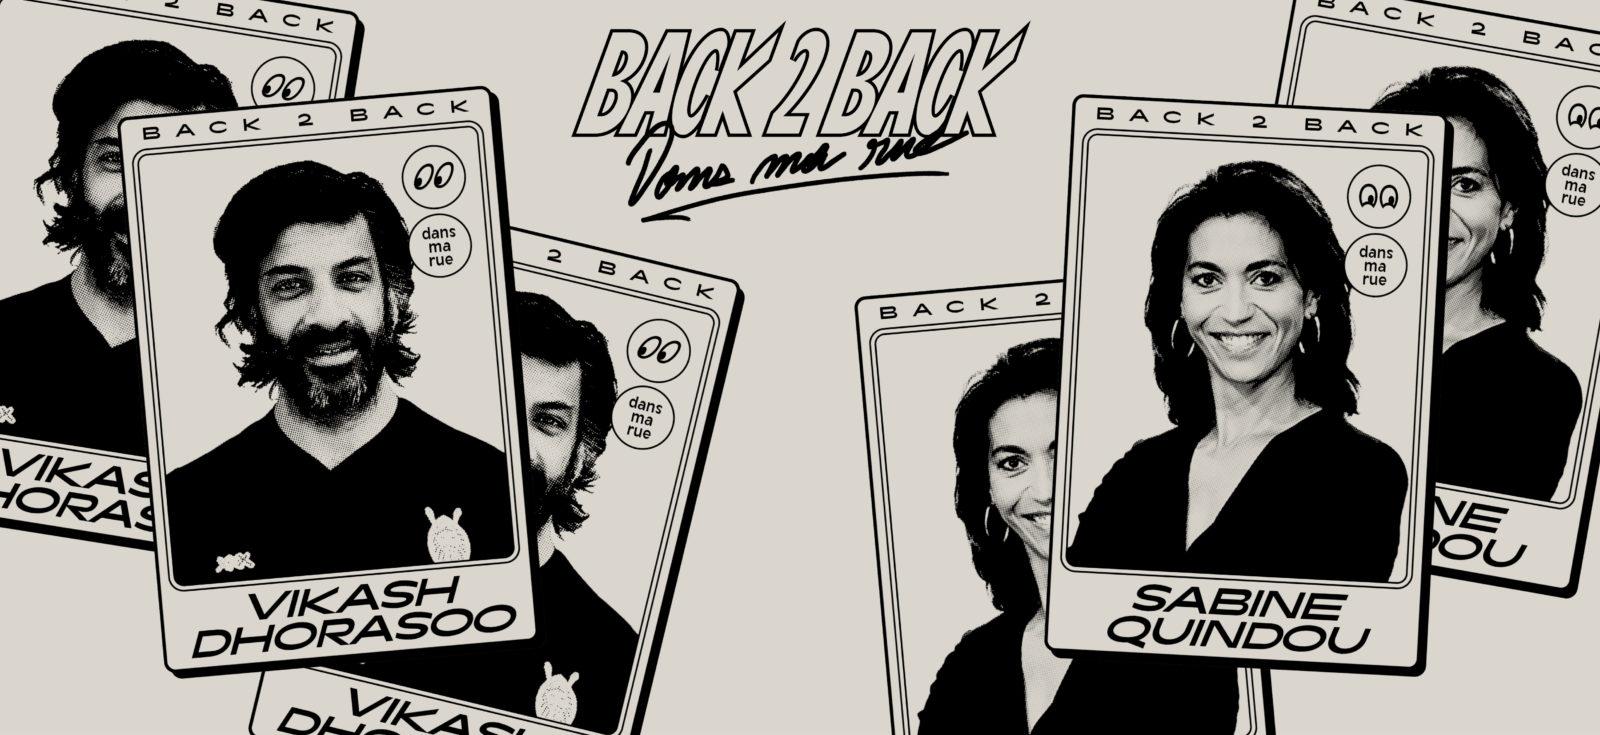 Back 2 Back «Dans ma rue» : Vikash Dhorasoo / Sabine Quindou